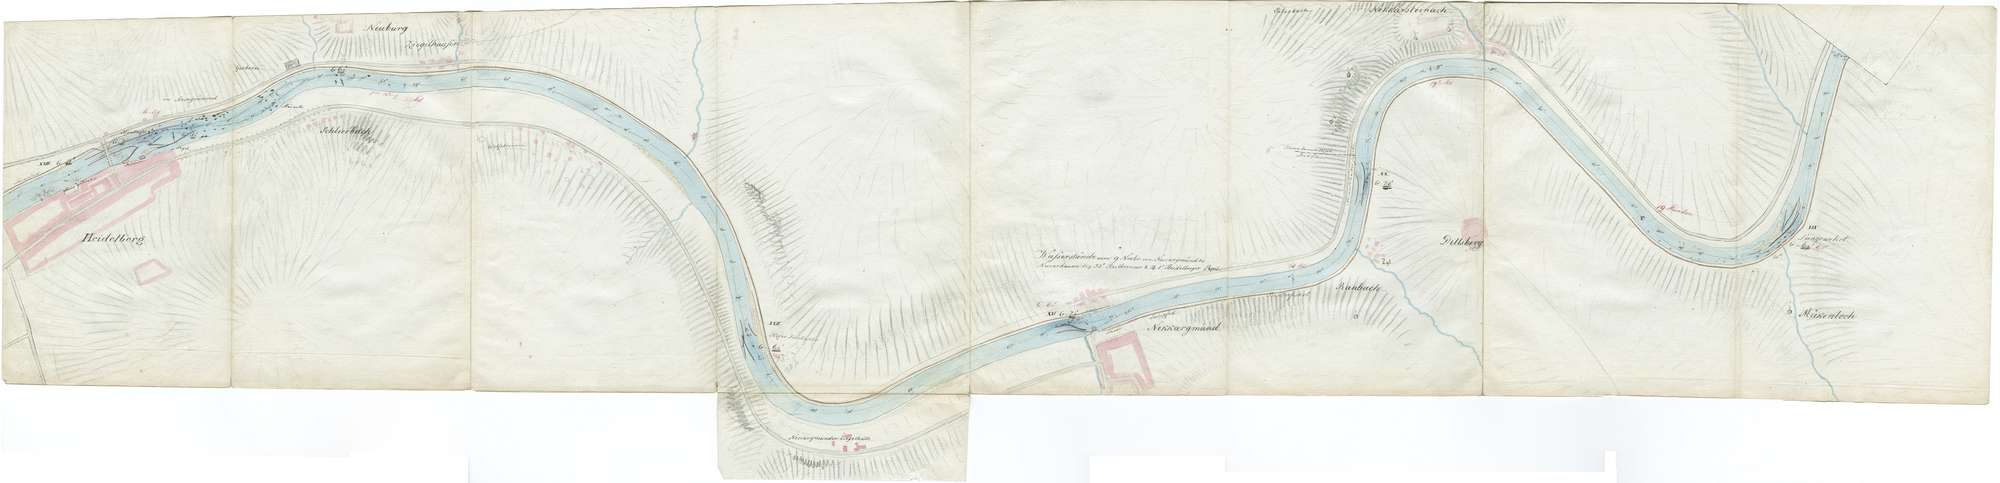 Karte über den Lauf des Neckars von Mannheim bis Heilbronn, Blatt IV: Heidelberg - Hirschhorn, Bild 1